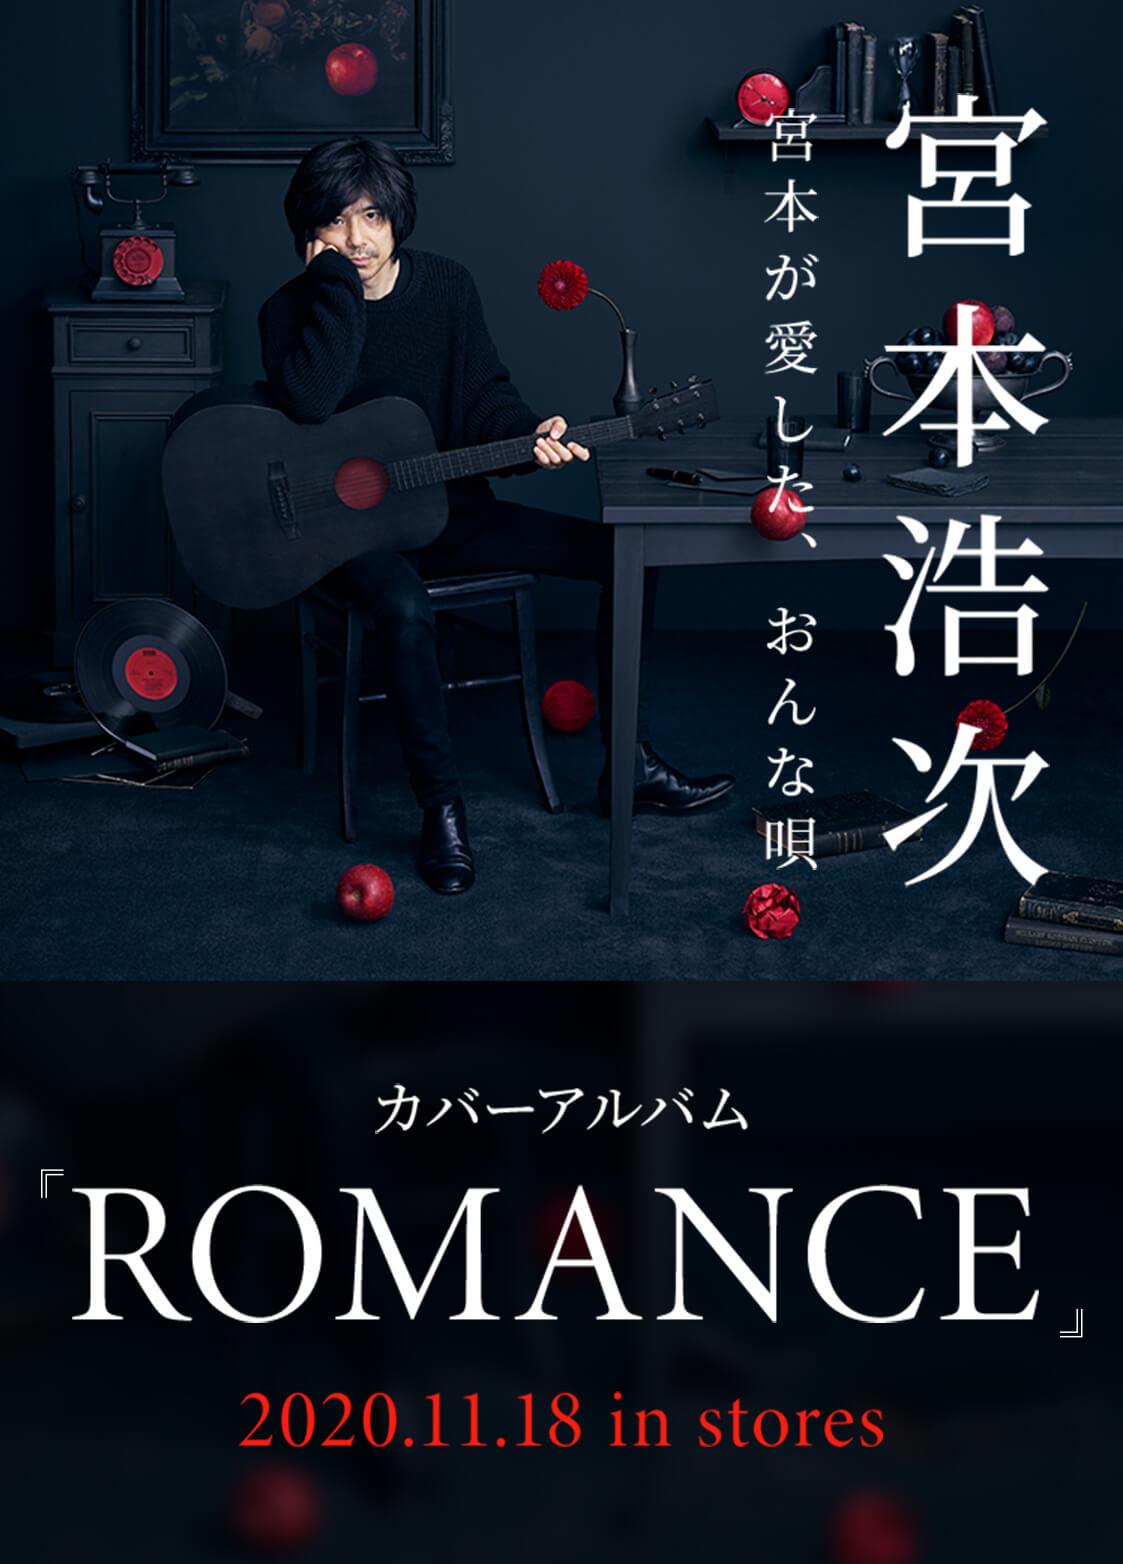 宮本 浩次 romance